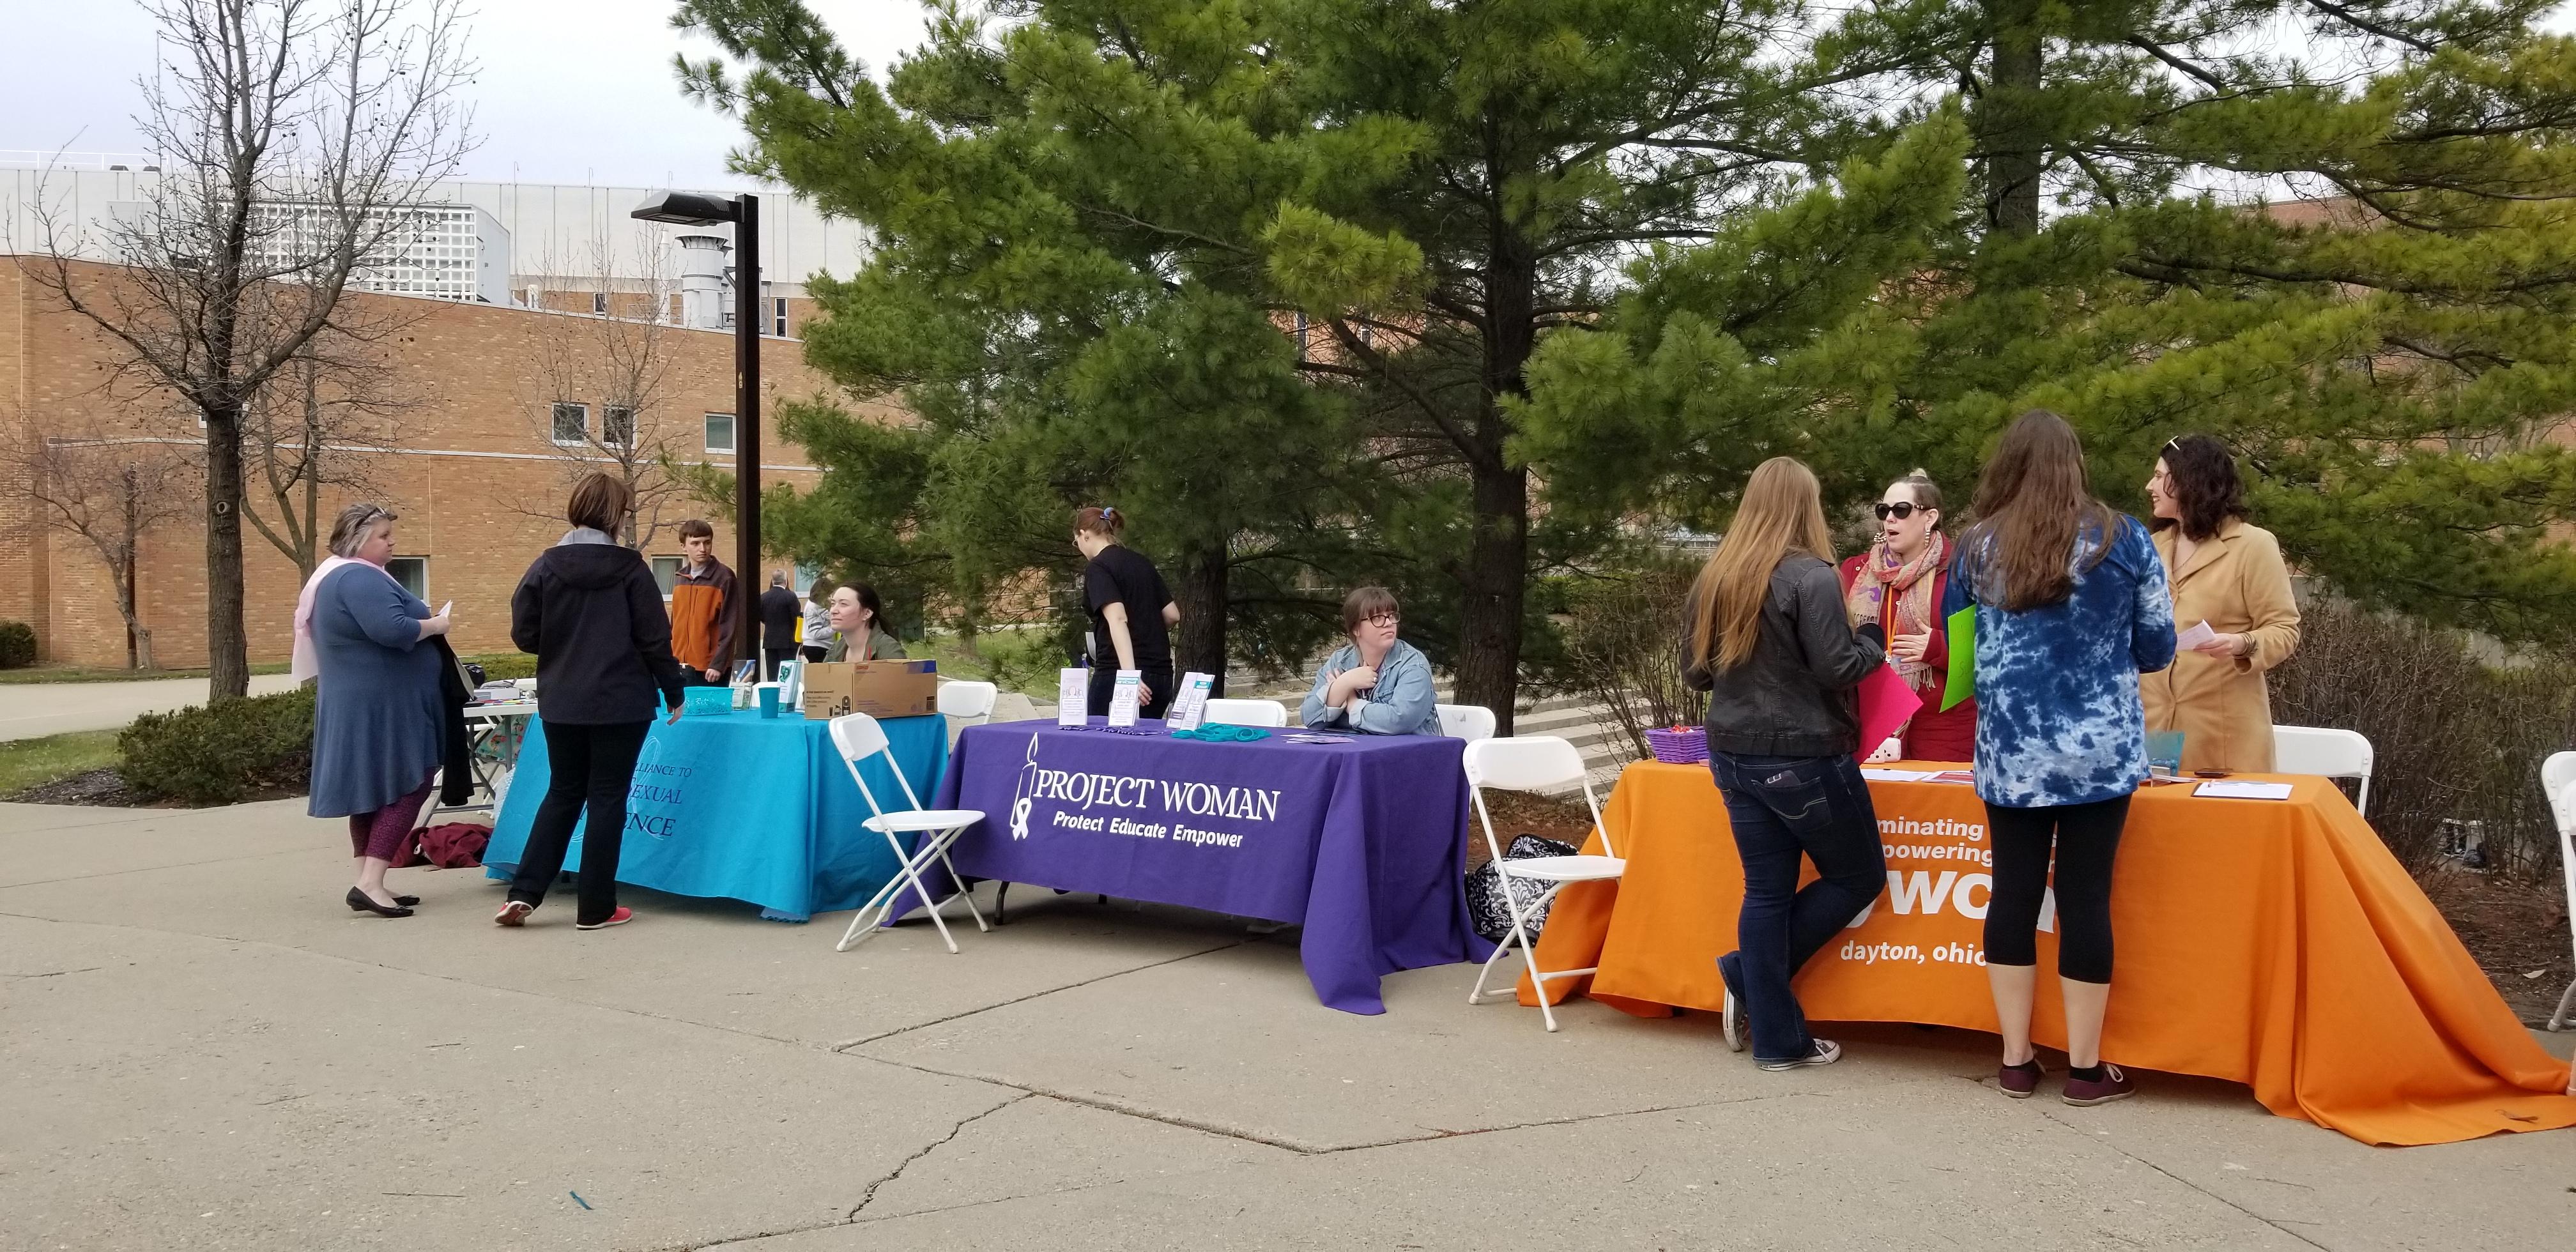 WSU dedicates week to Sexual Assault Awareness